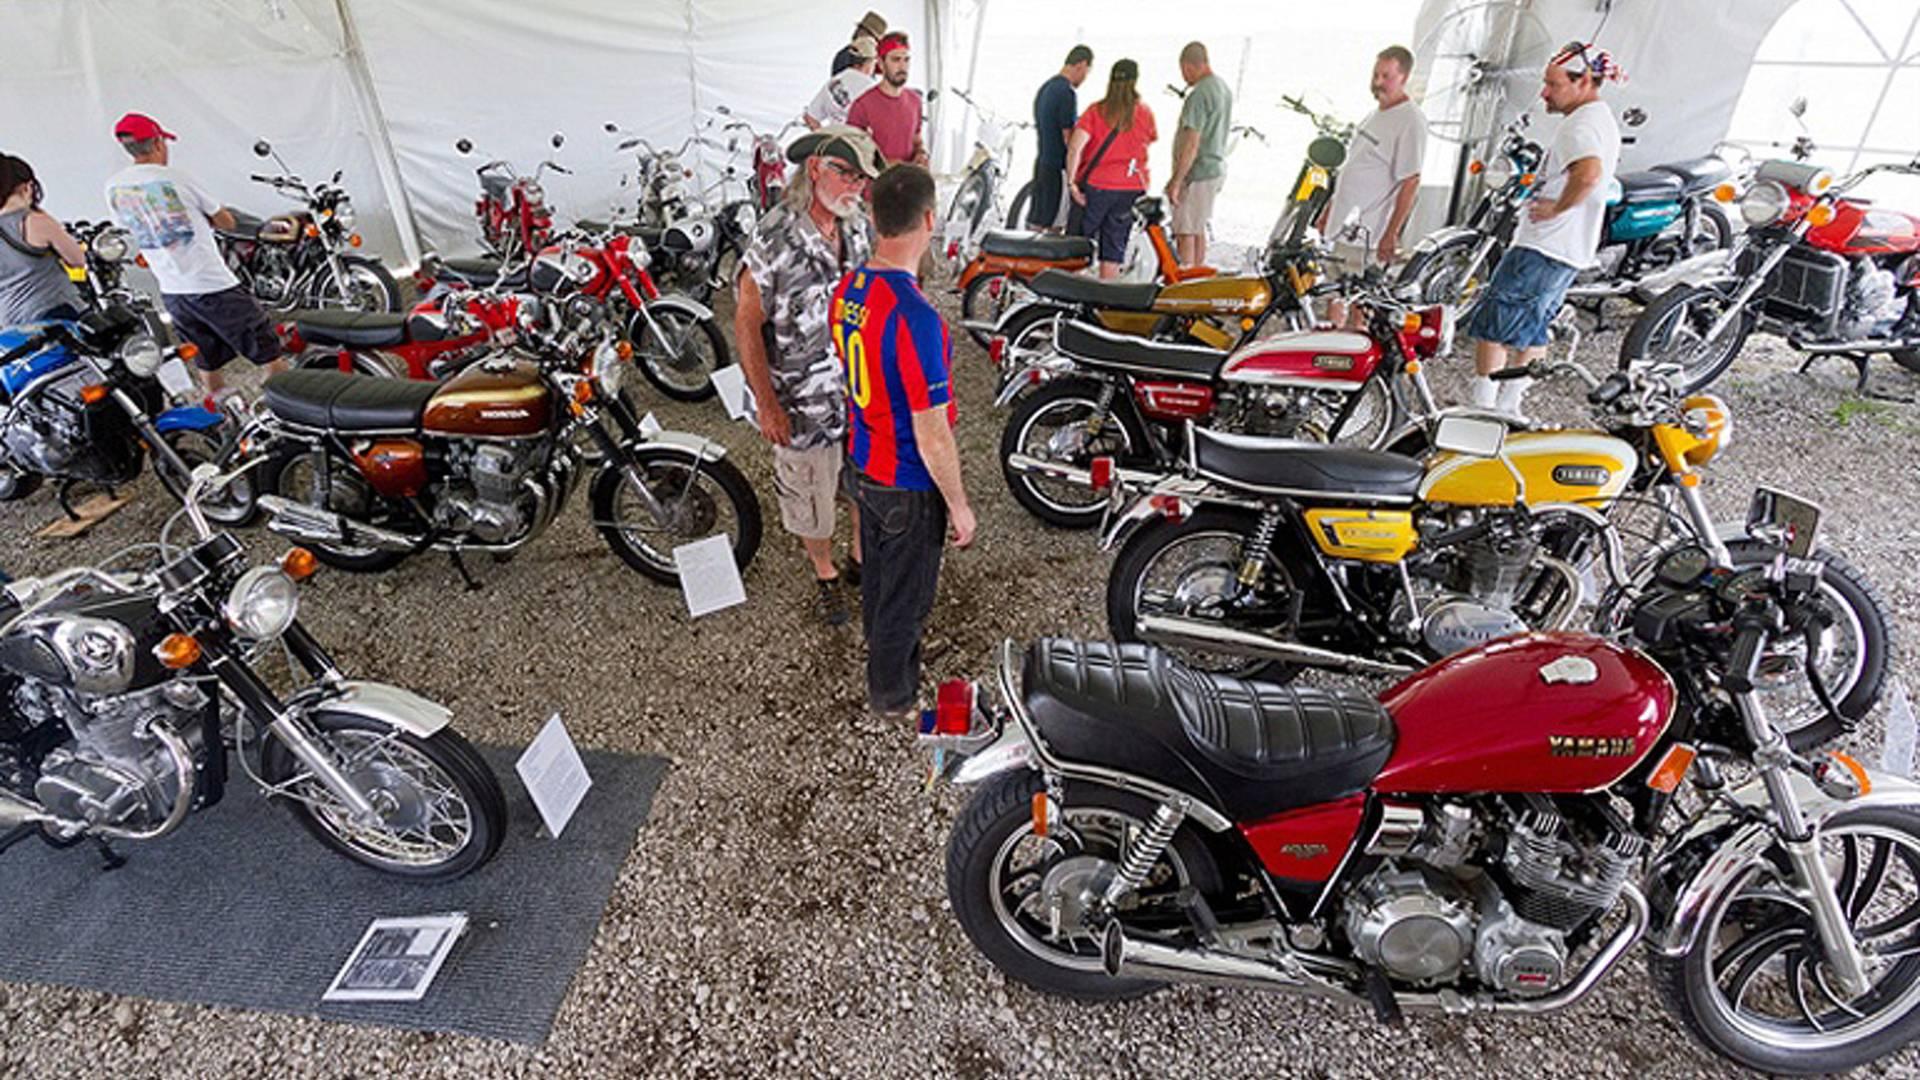 Vintage japanese motorcycle swap meet